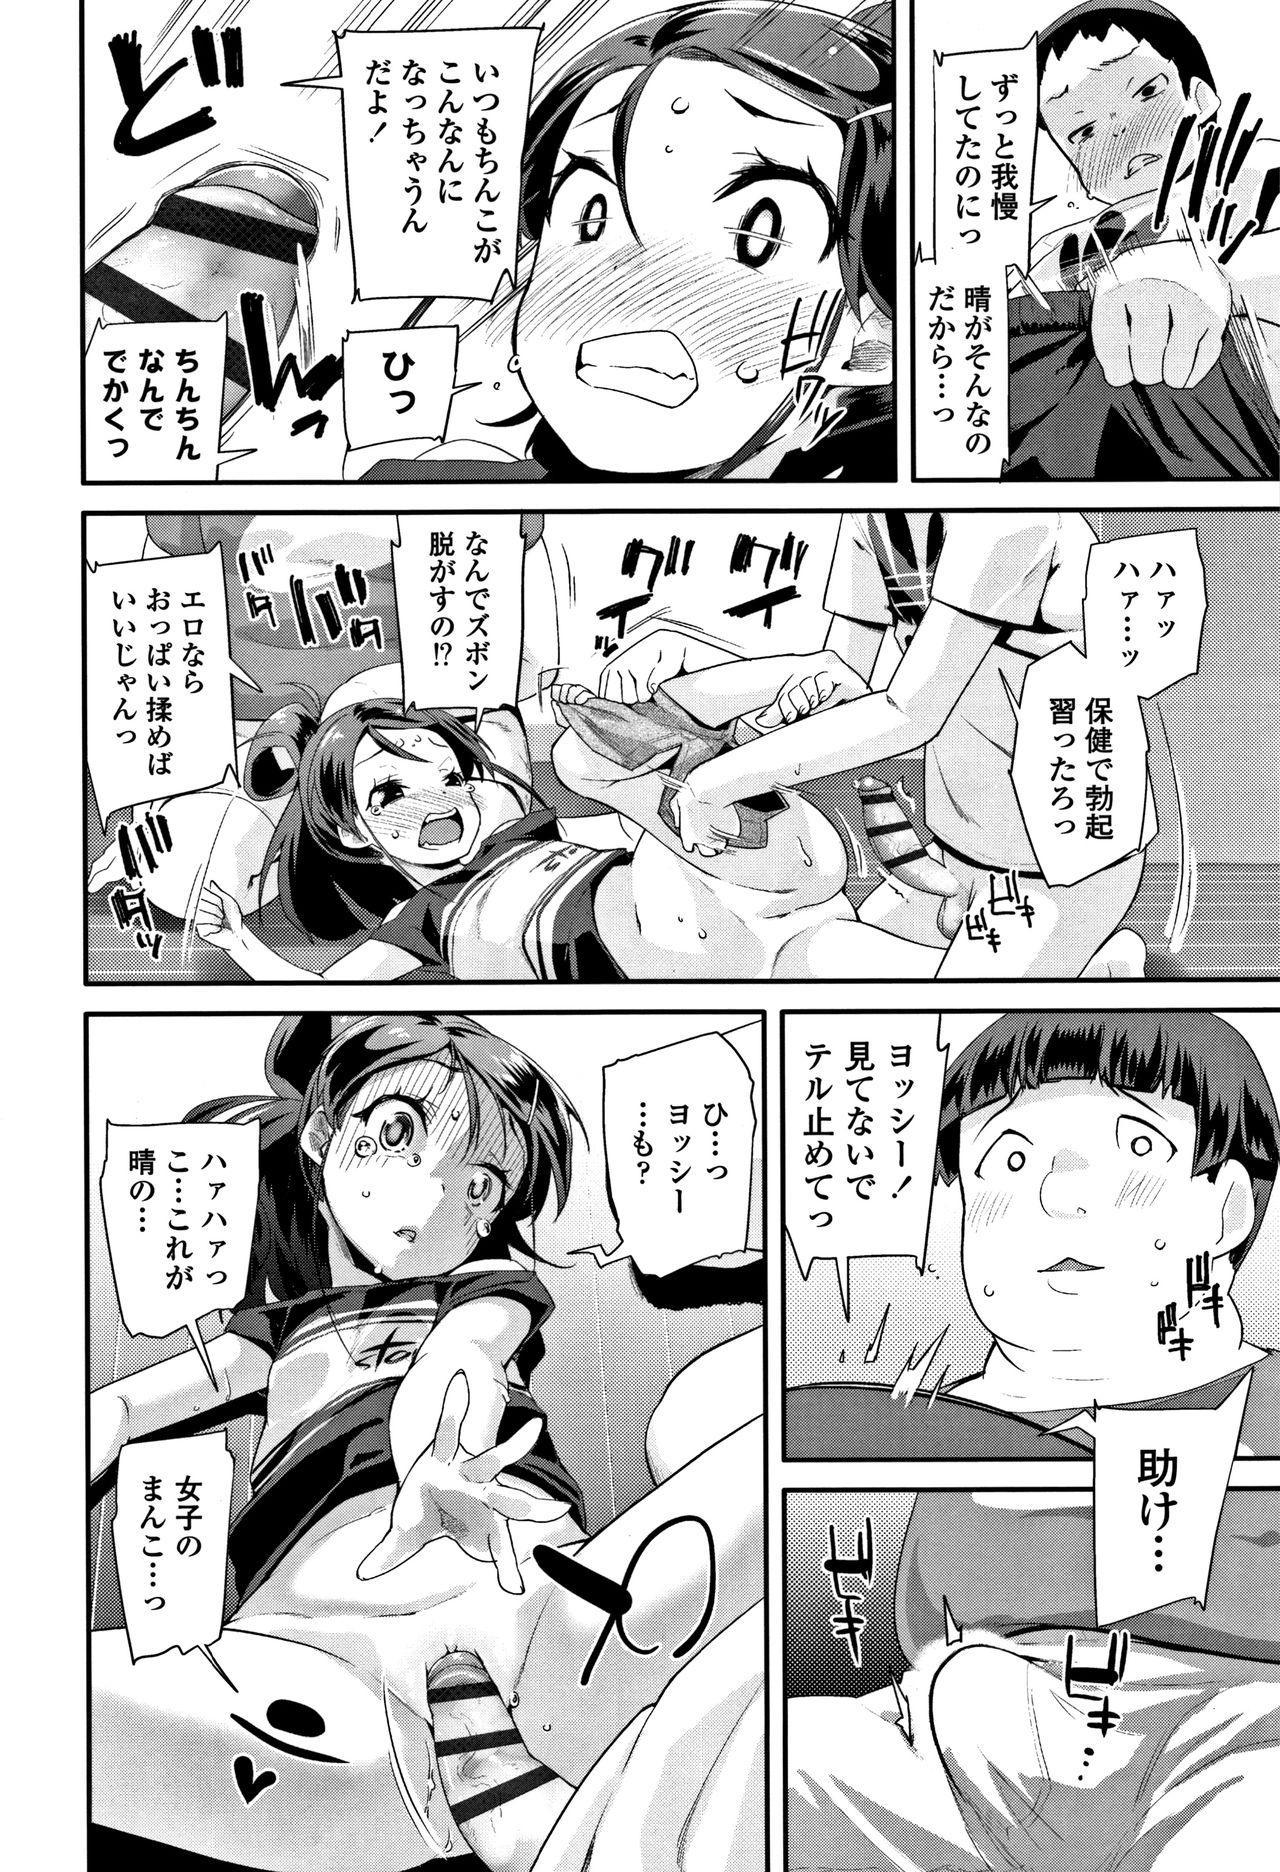 Kirakira Otona Lesson 52